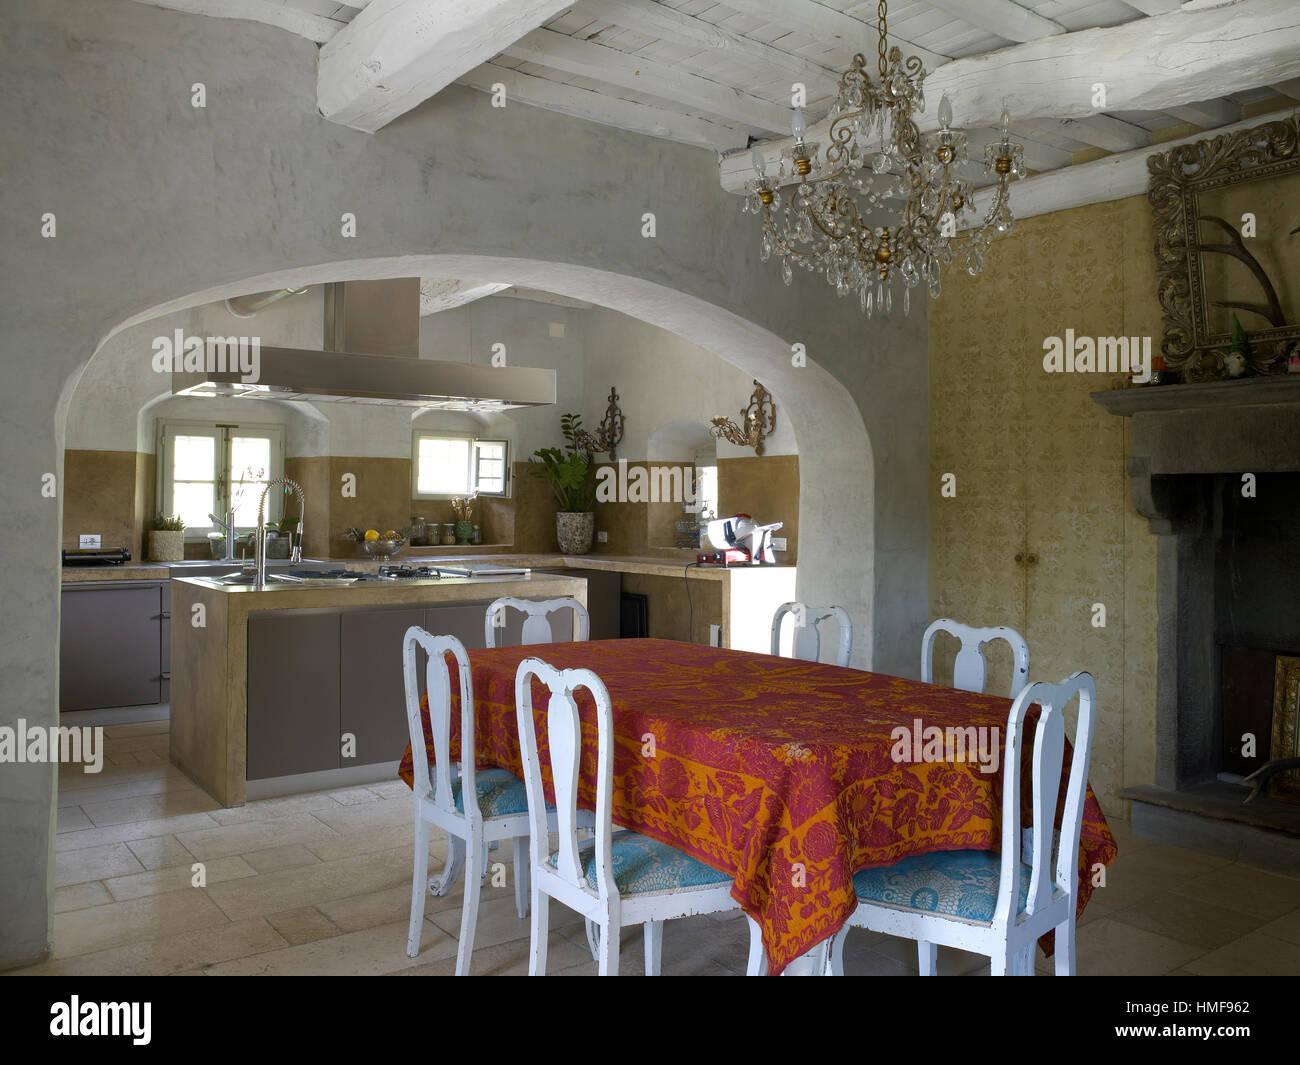 Interni Di Una Casa Di Campagna : Interno di una cucina contemporanea in una casa di campagna in